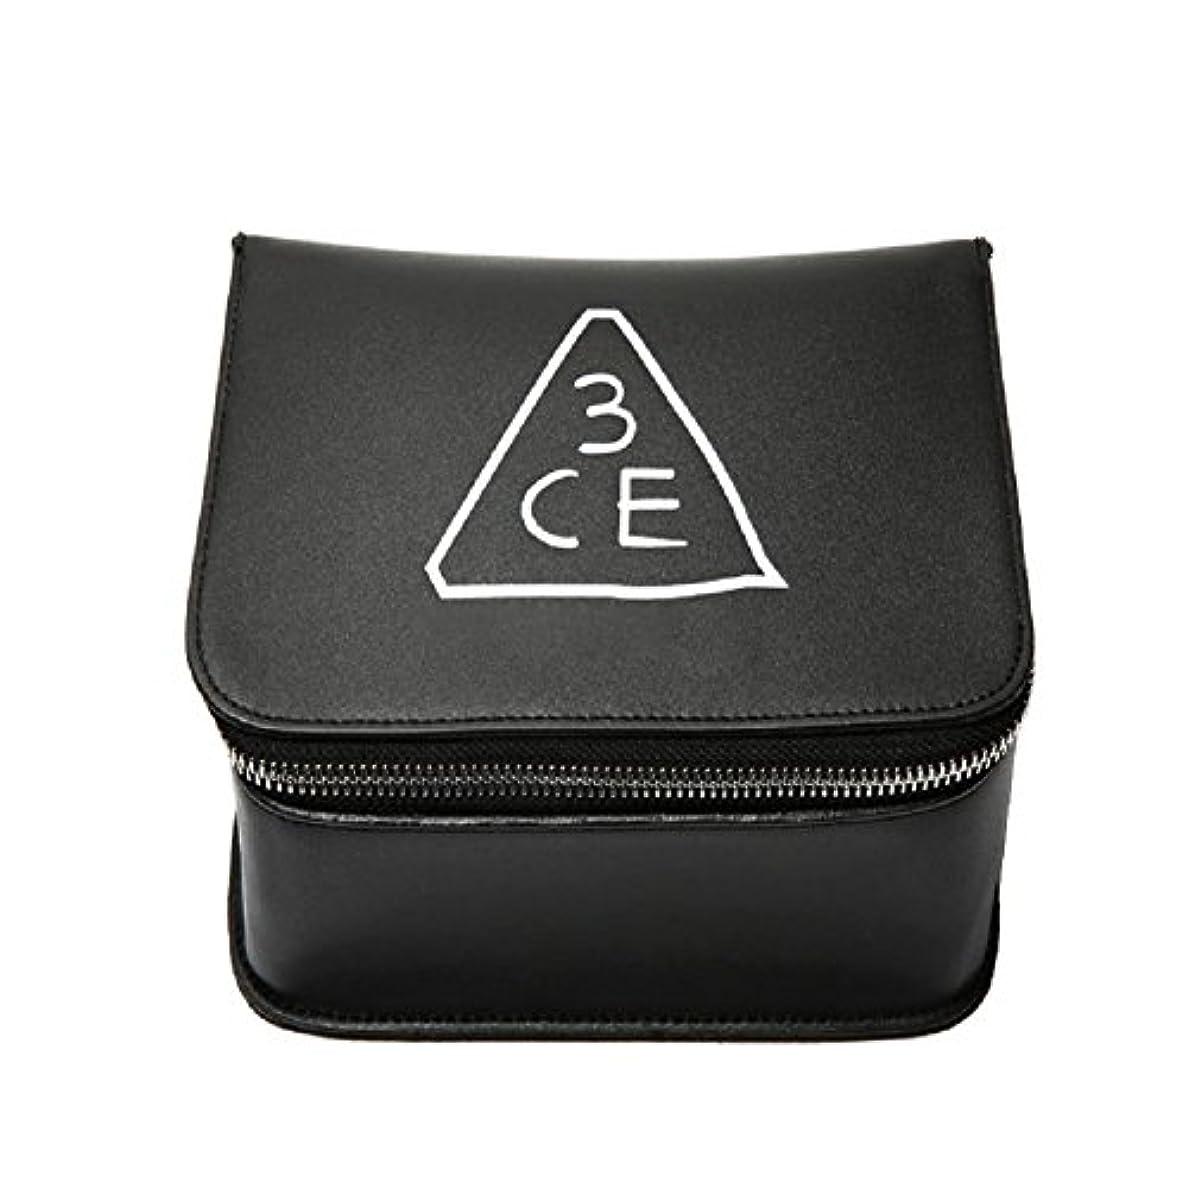 座るリビングルーム再び3CE(3 CONCEPT EYES) COSMETIC BOX POUCH 化粧品 BOXポーチ stylenanda 婦人向け 旅行 ビッグサイズ[韓国並行輸入品]